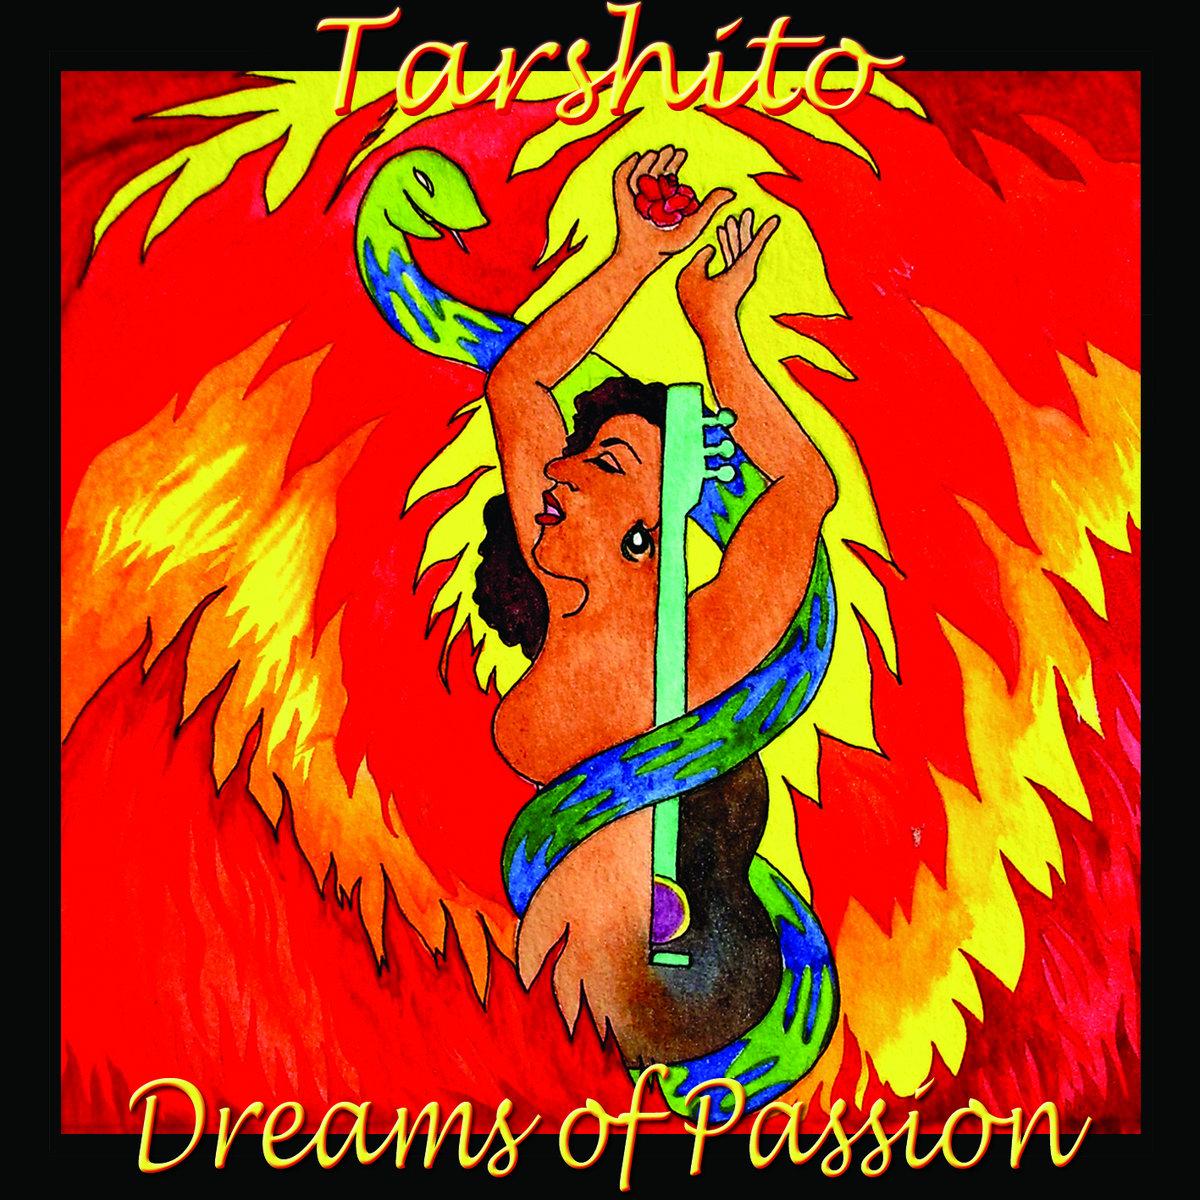 DREAMS OF PASSION. by tarshito